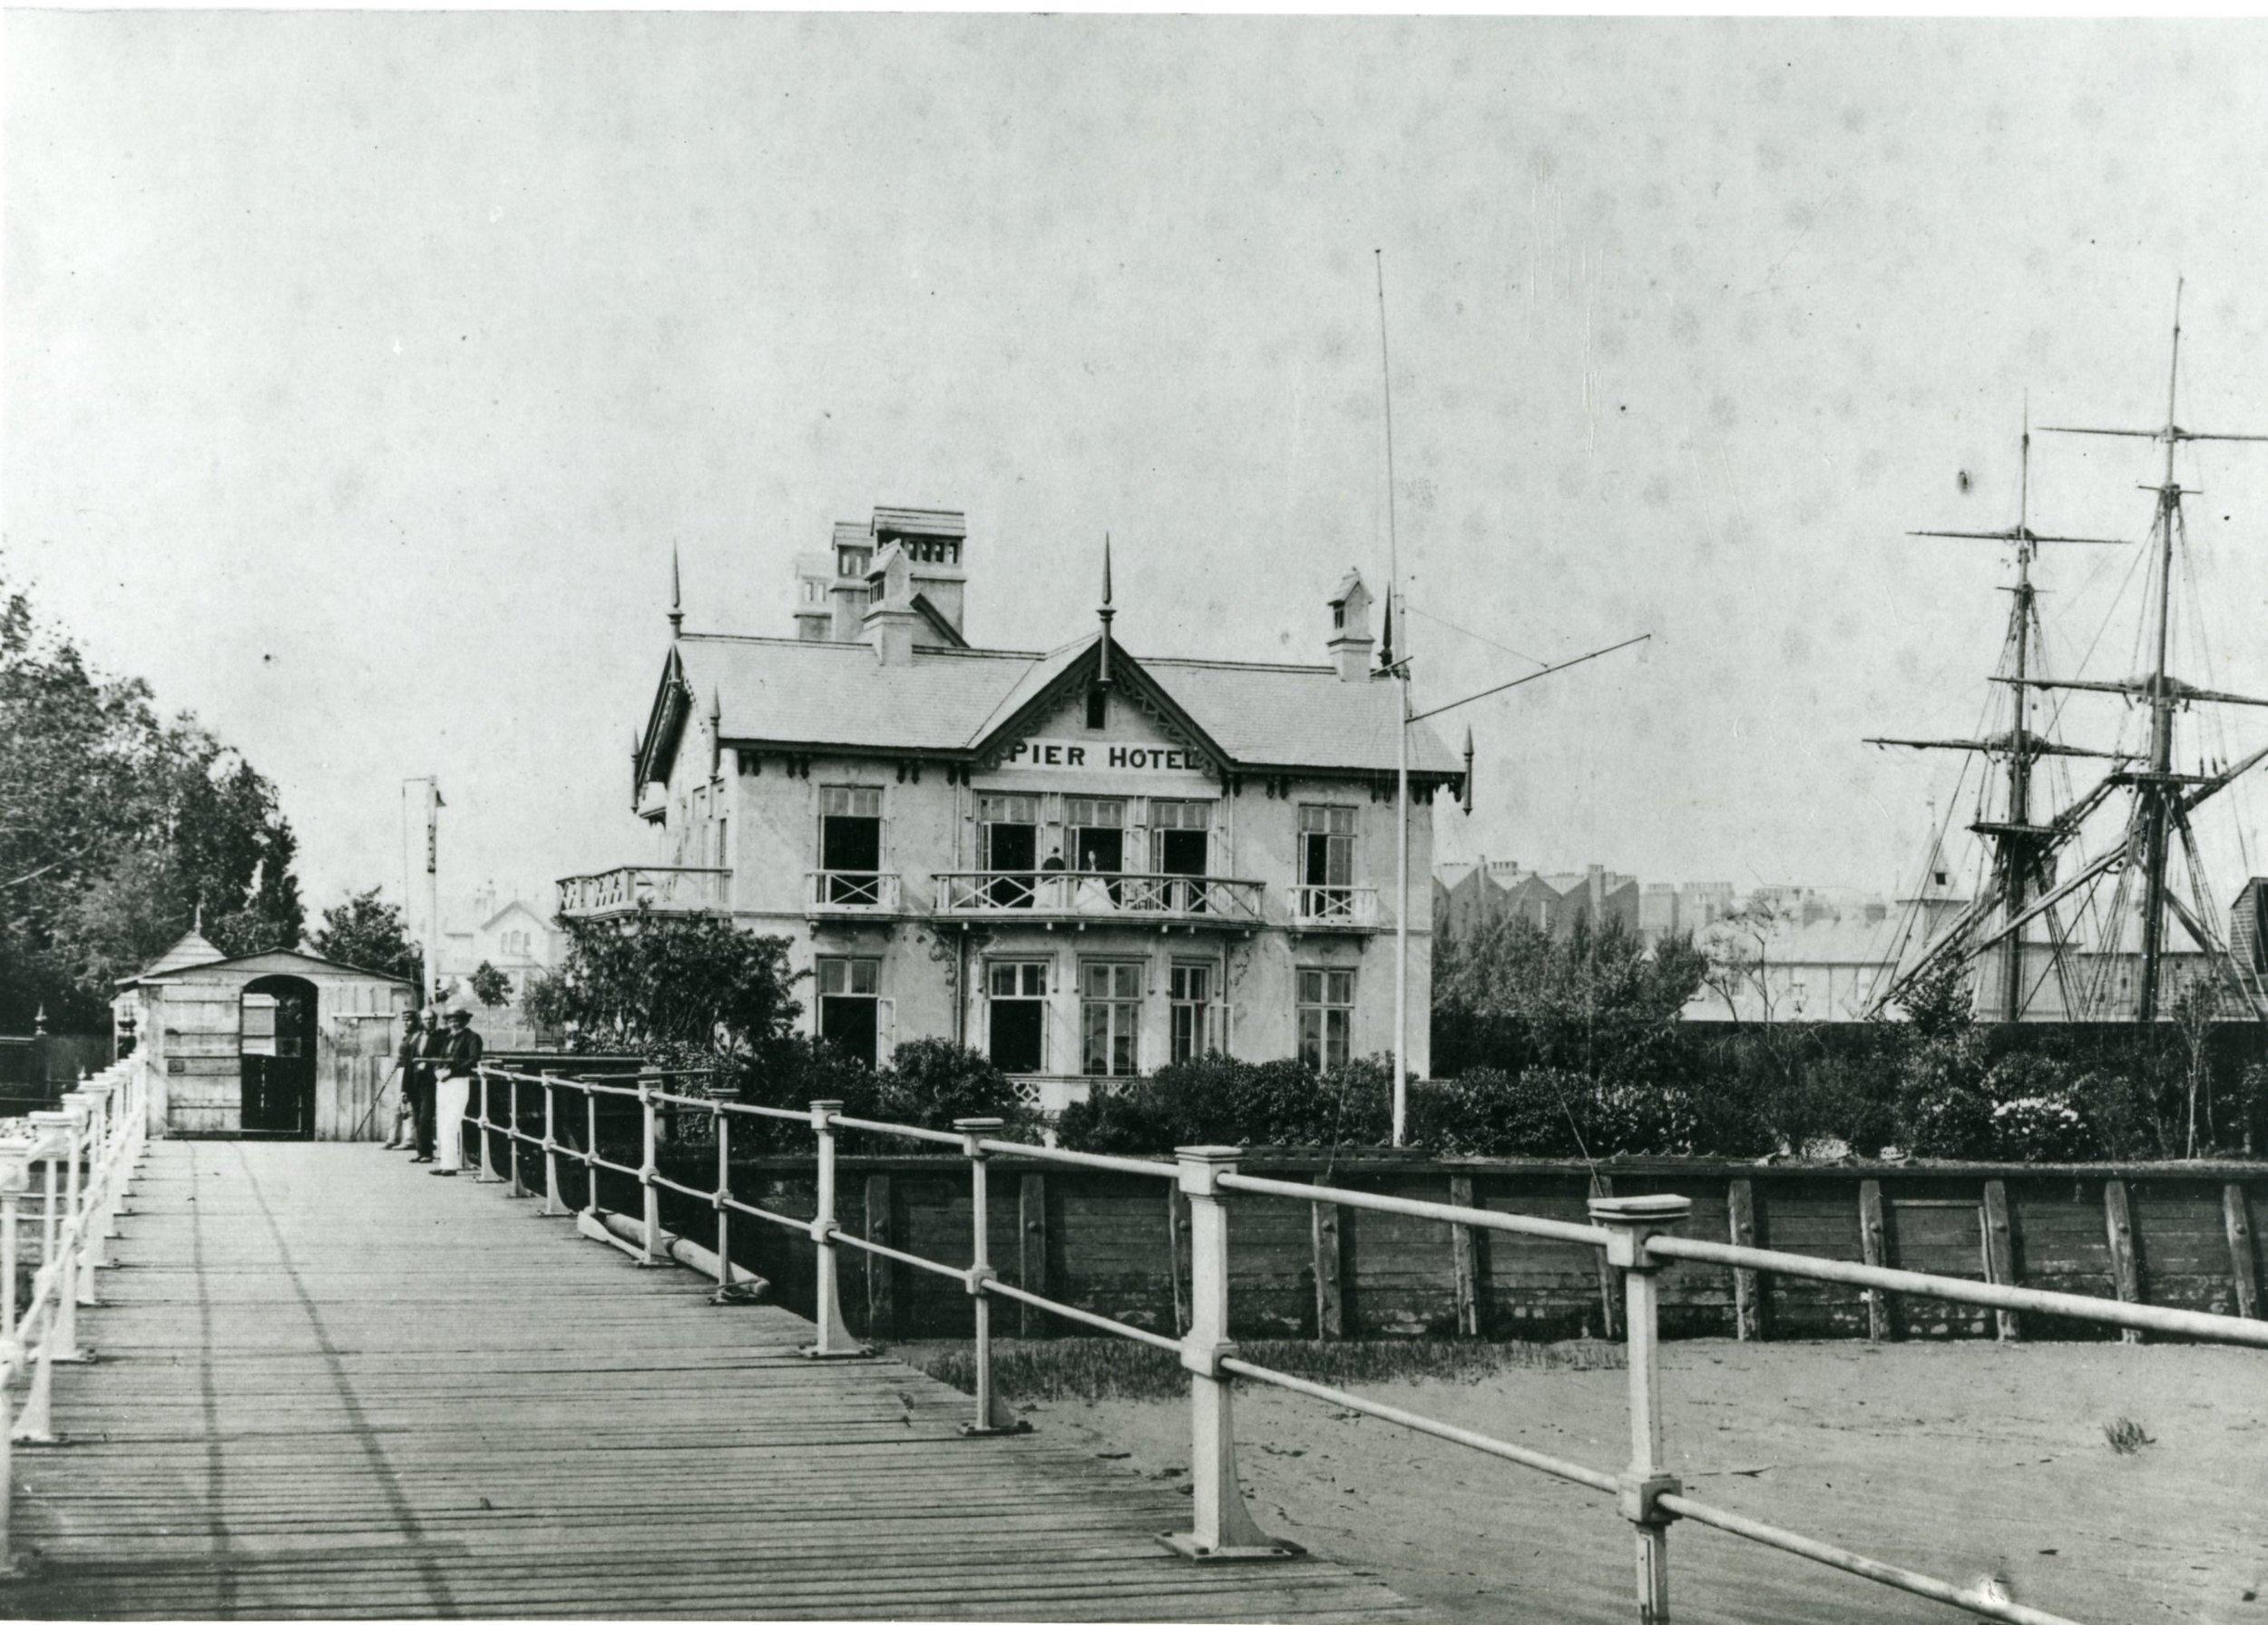 Erith pier & Pier Hotel with Brig Allerton Packet(c. 1860)